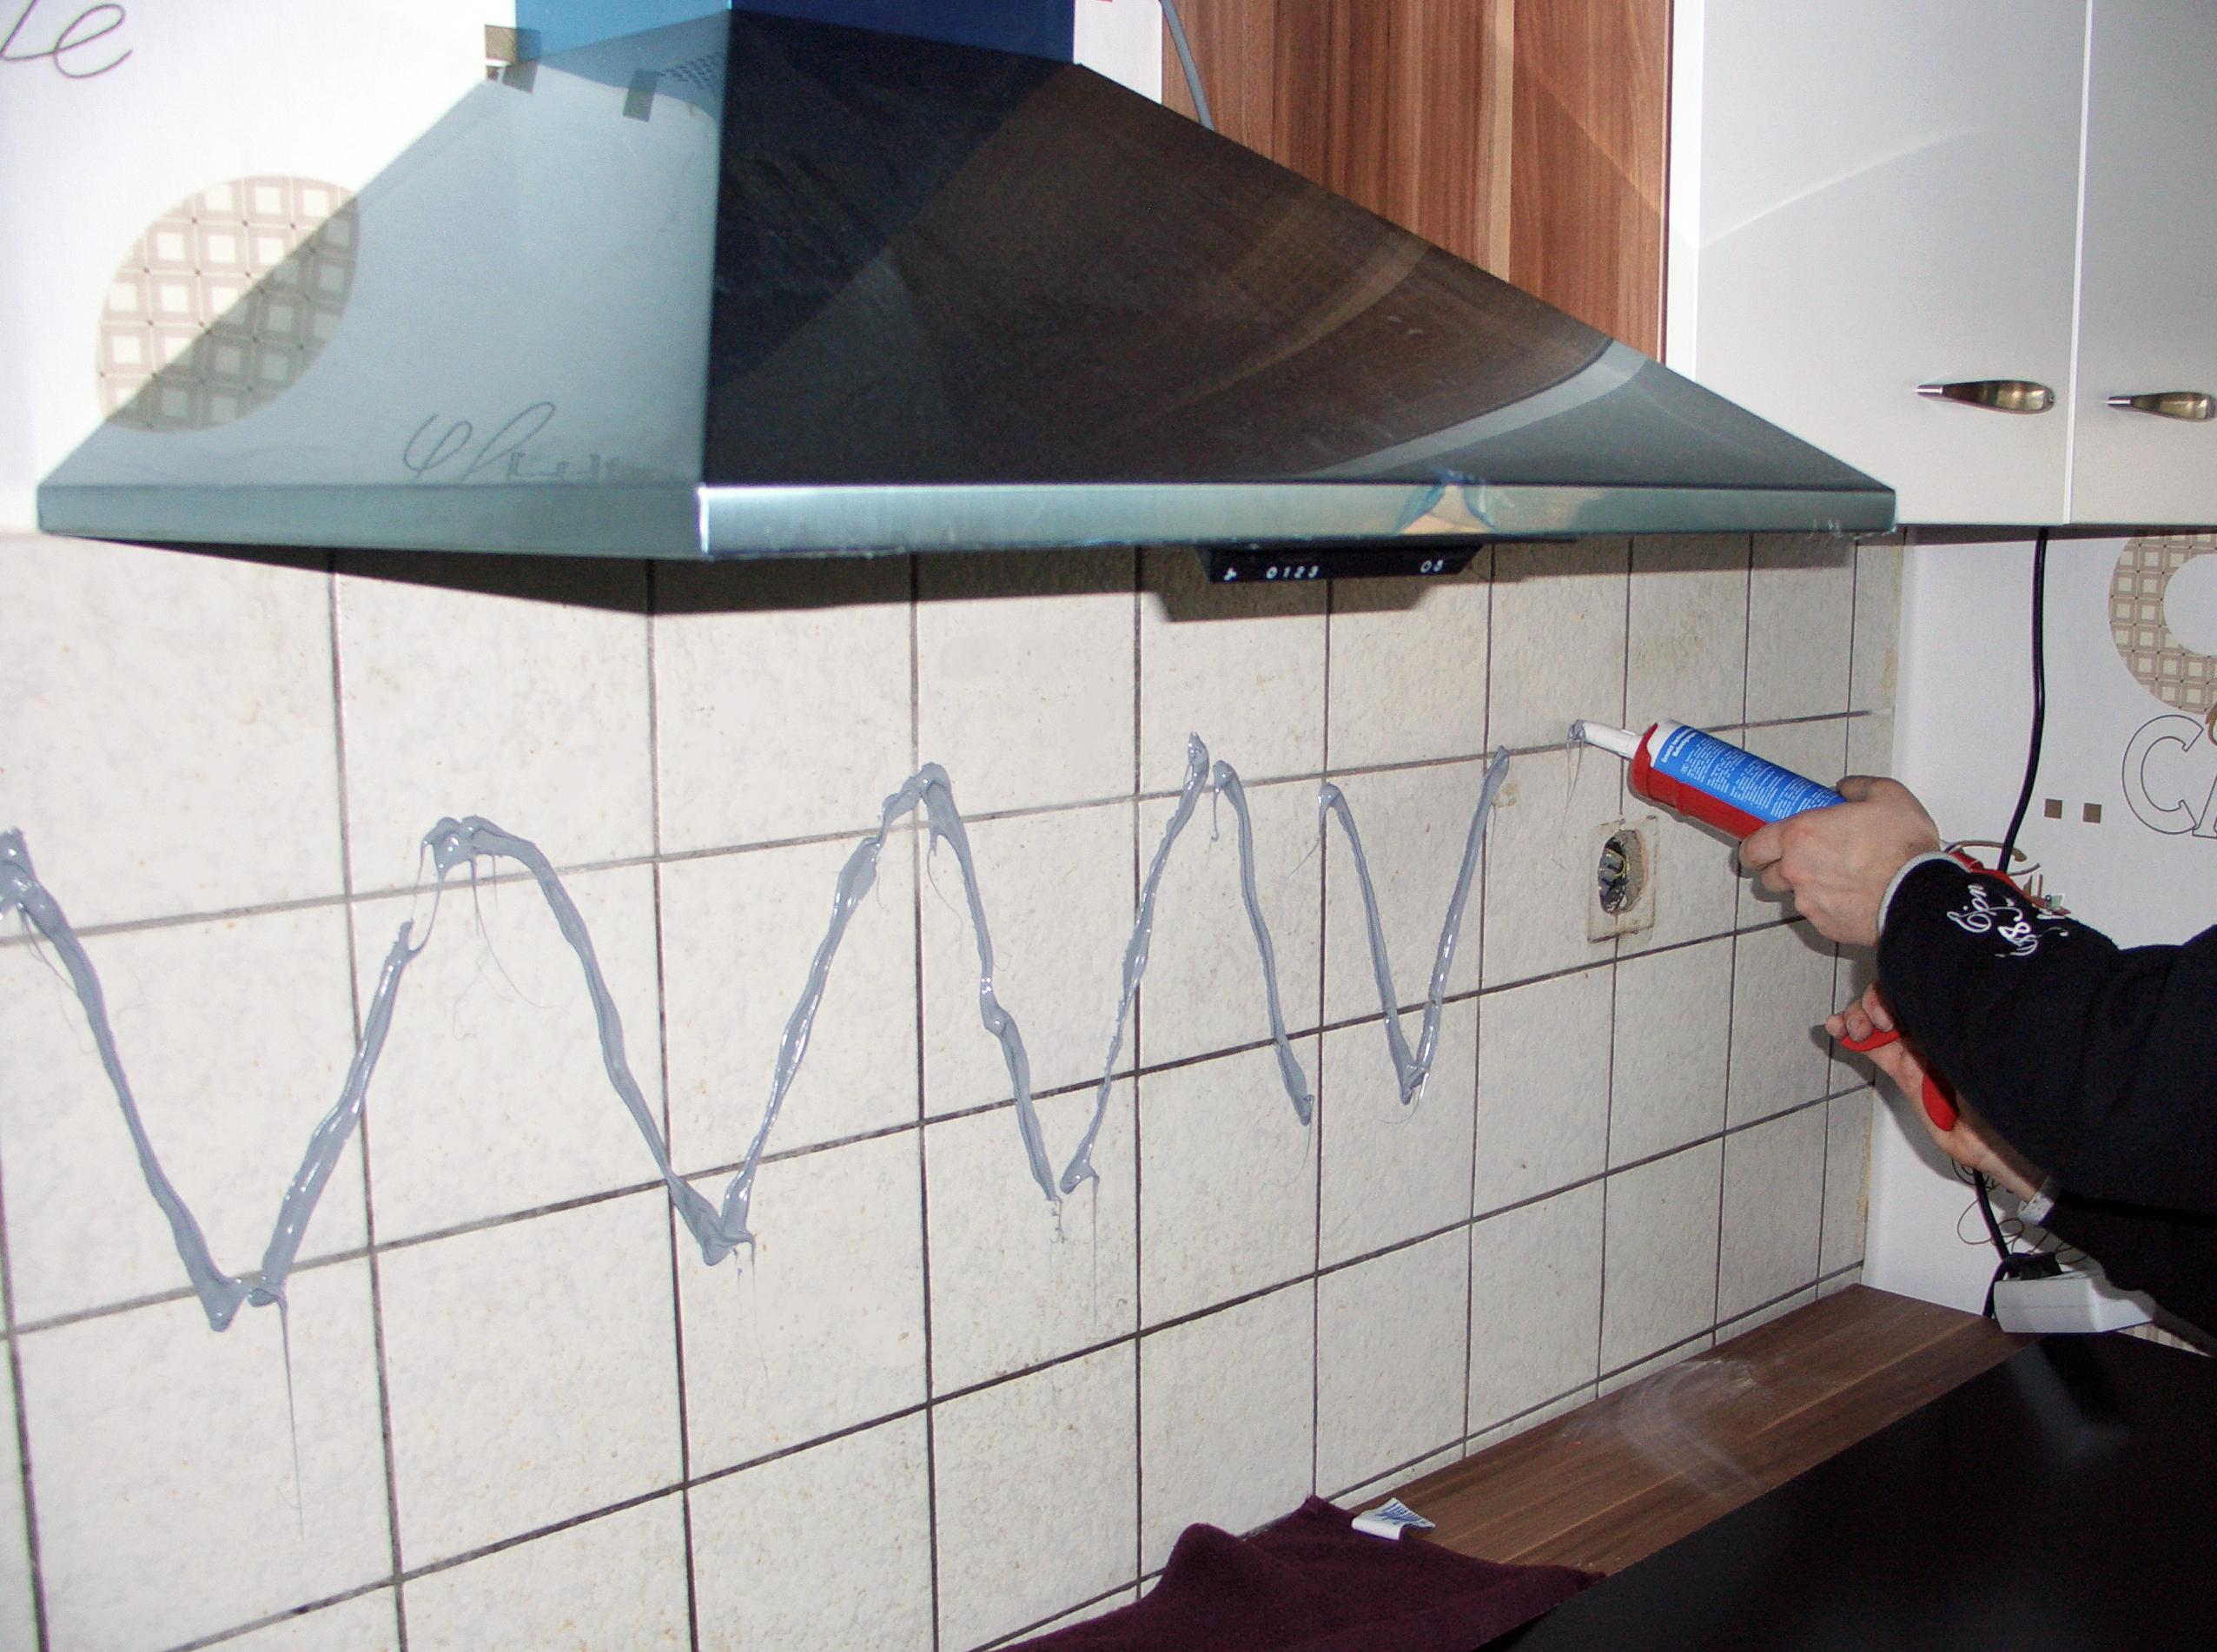 Full Size of Fliesenspiegel Verkleiden Kuchenruckwand Kuche Grosse Fliesen Caseconradcom Küche Selber Machen Glas Wohnzimmer Fliesenspiegel Verkleiden